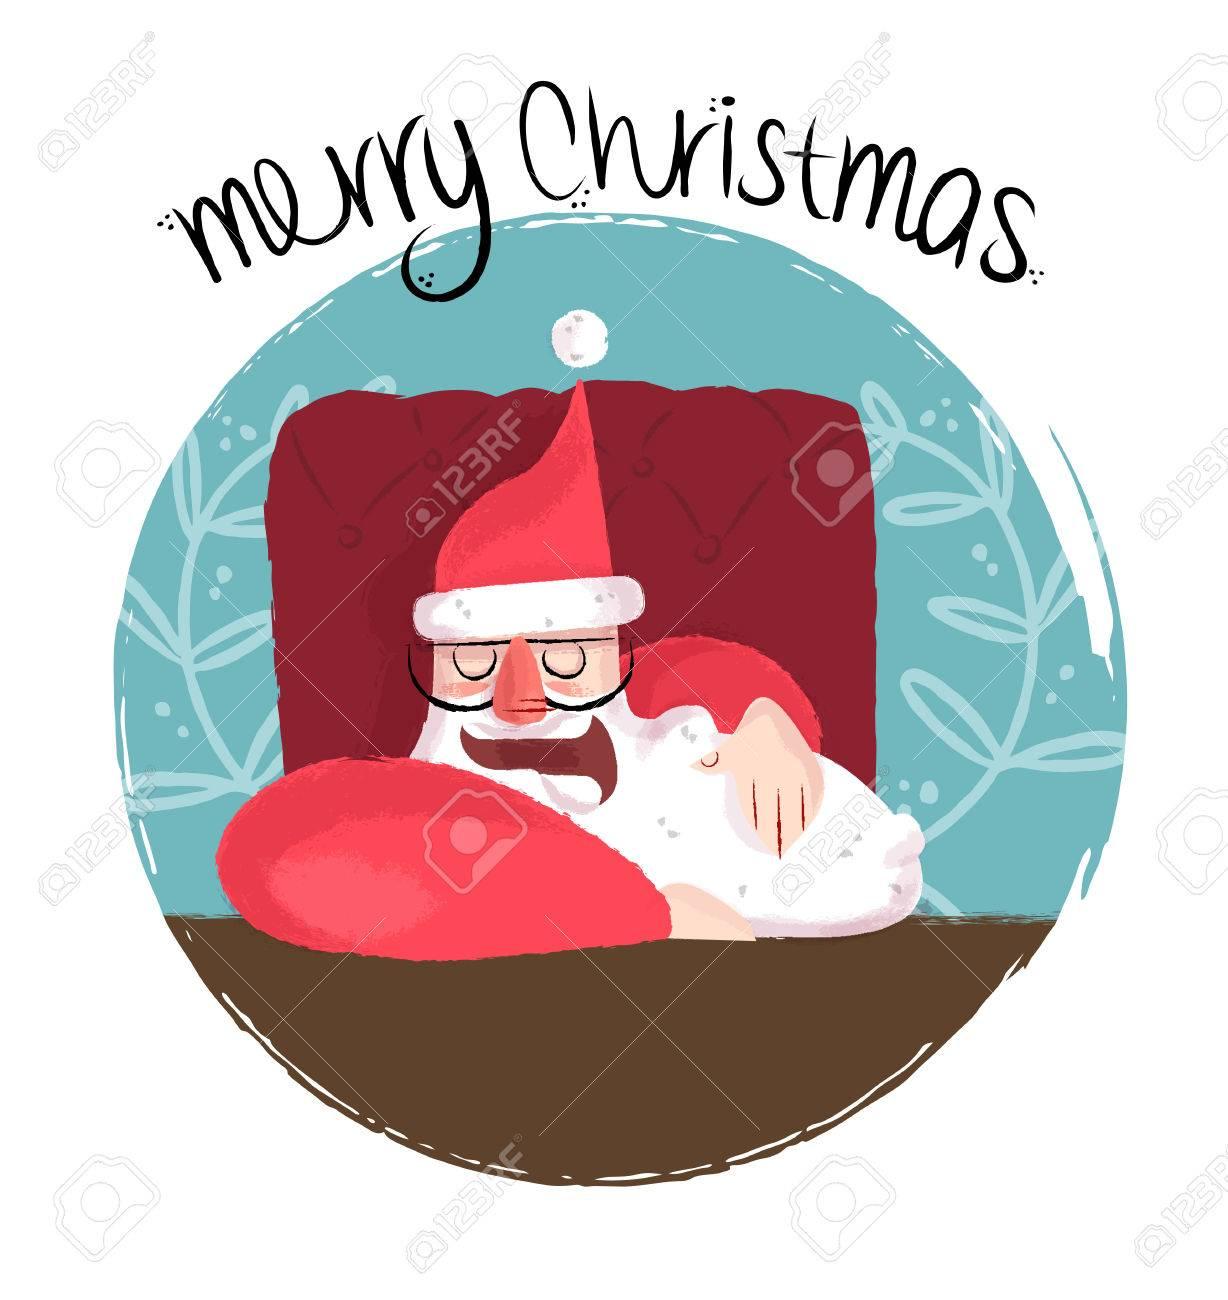 メリー クリスマス面白い手には、机の上に寝ているかわいいサンタ